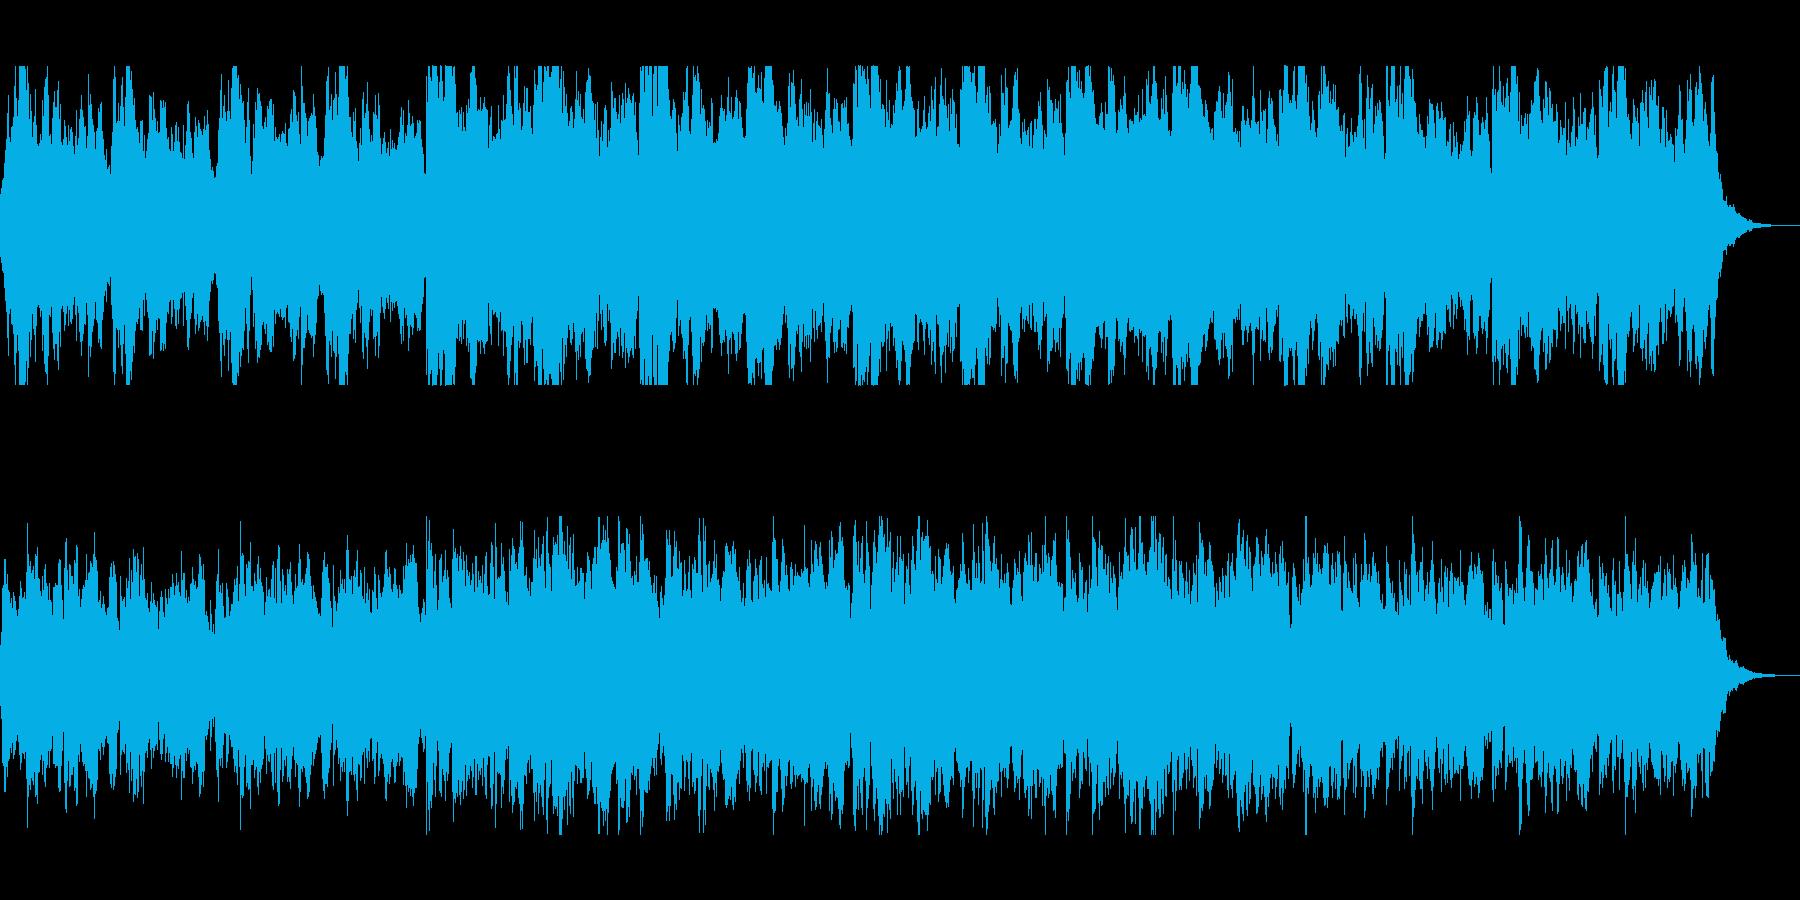 幻想的に響くヒーリング音の再生済みの波形